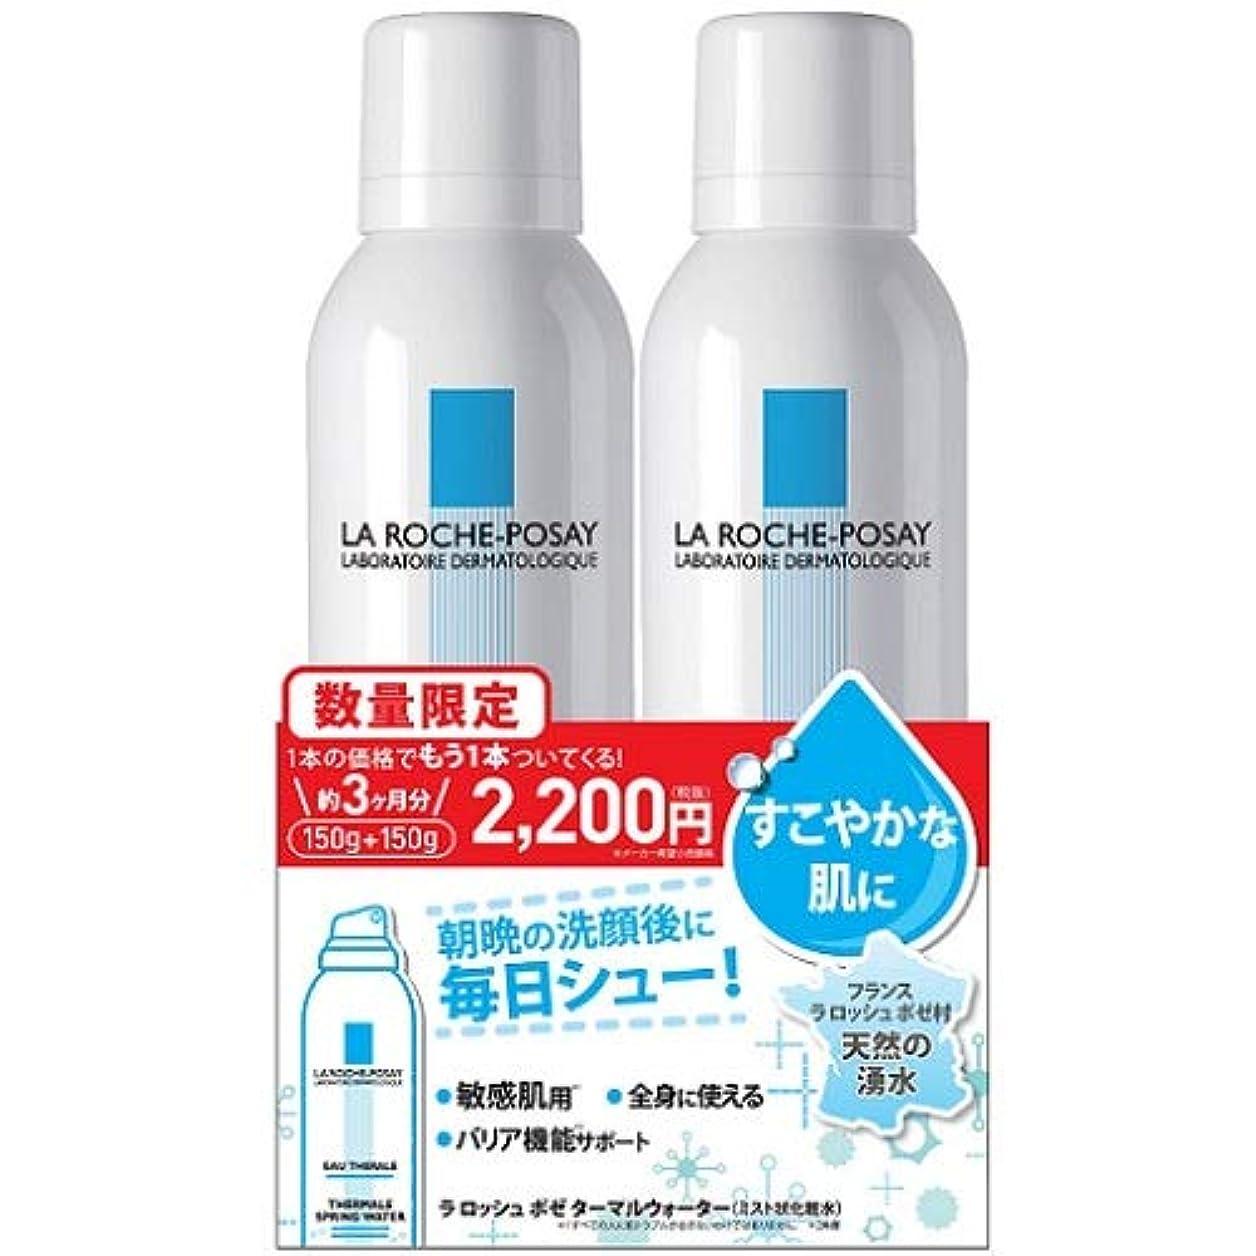 出版同様の耐えるLa Roche-Posay(ラロッシュポゼ) 【敏感肌用*ミスト状化粧水】ターマルウォーター150g+150gキット